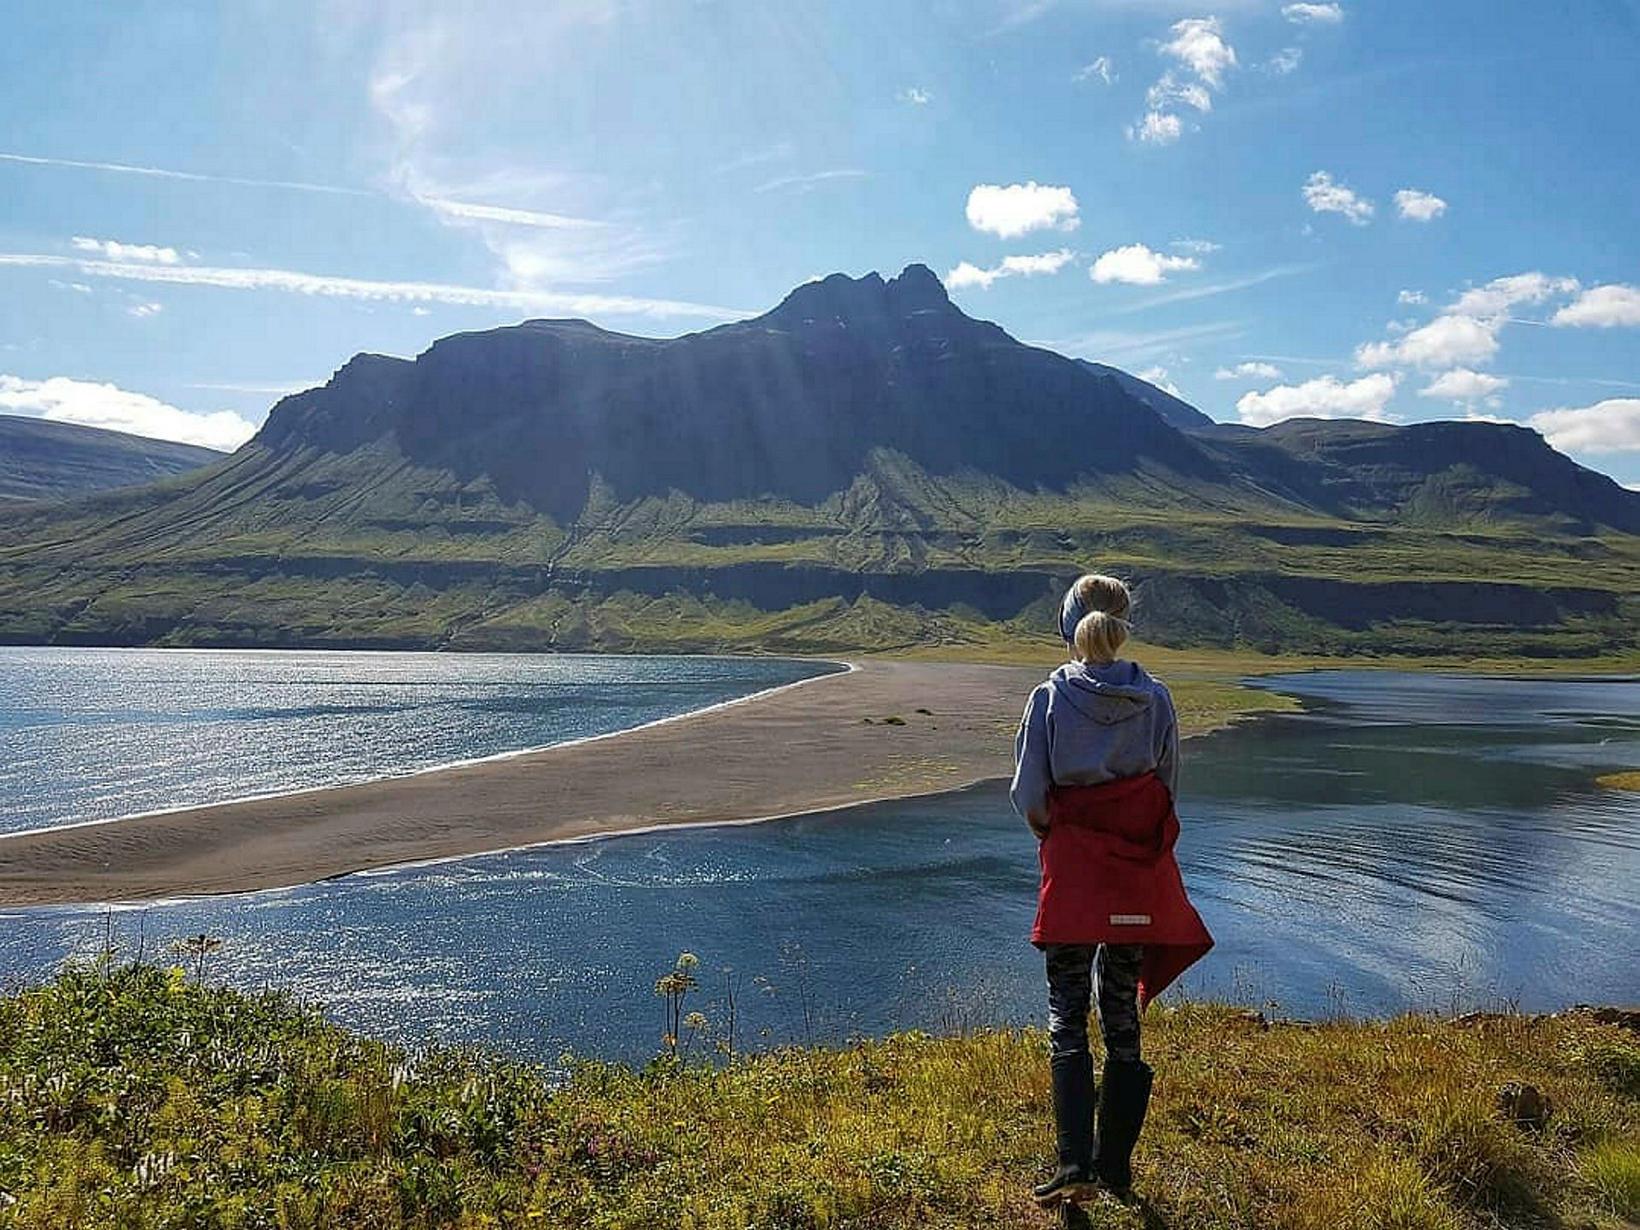 Það er fátt sem toppar ósnert landslagið yfir sumartímann.